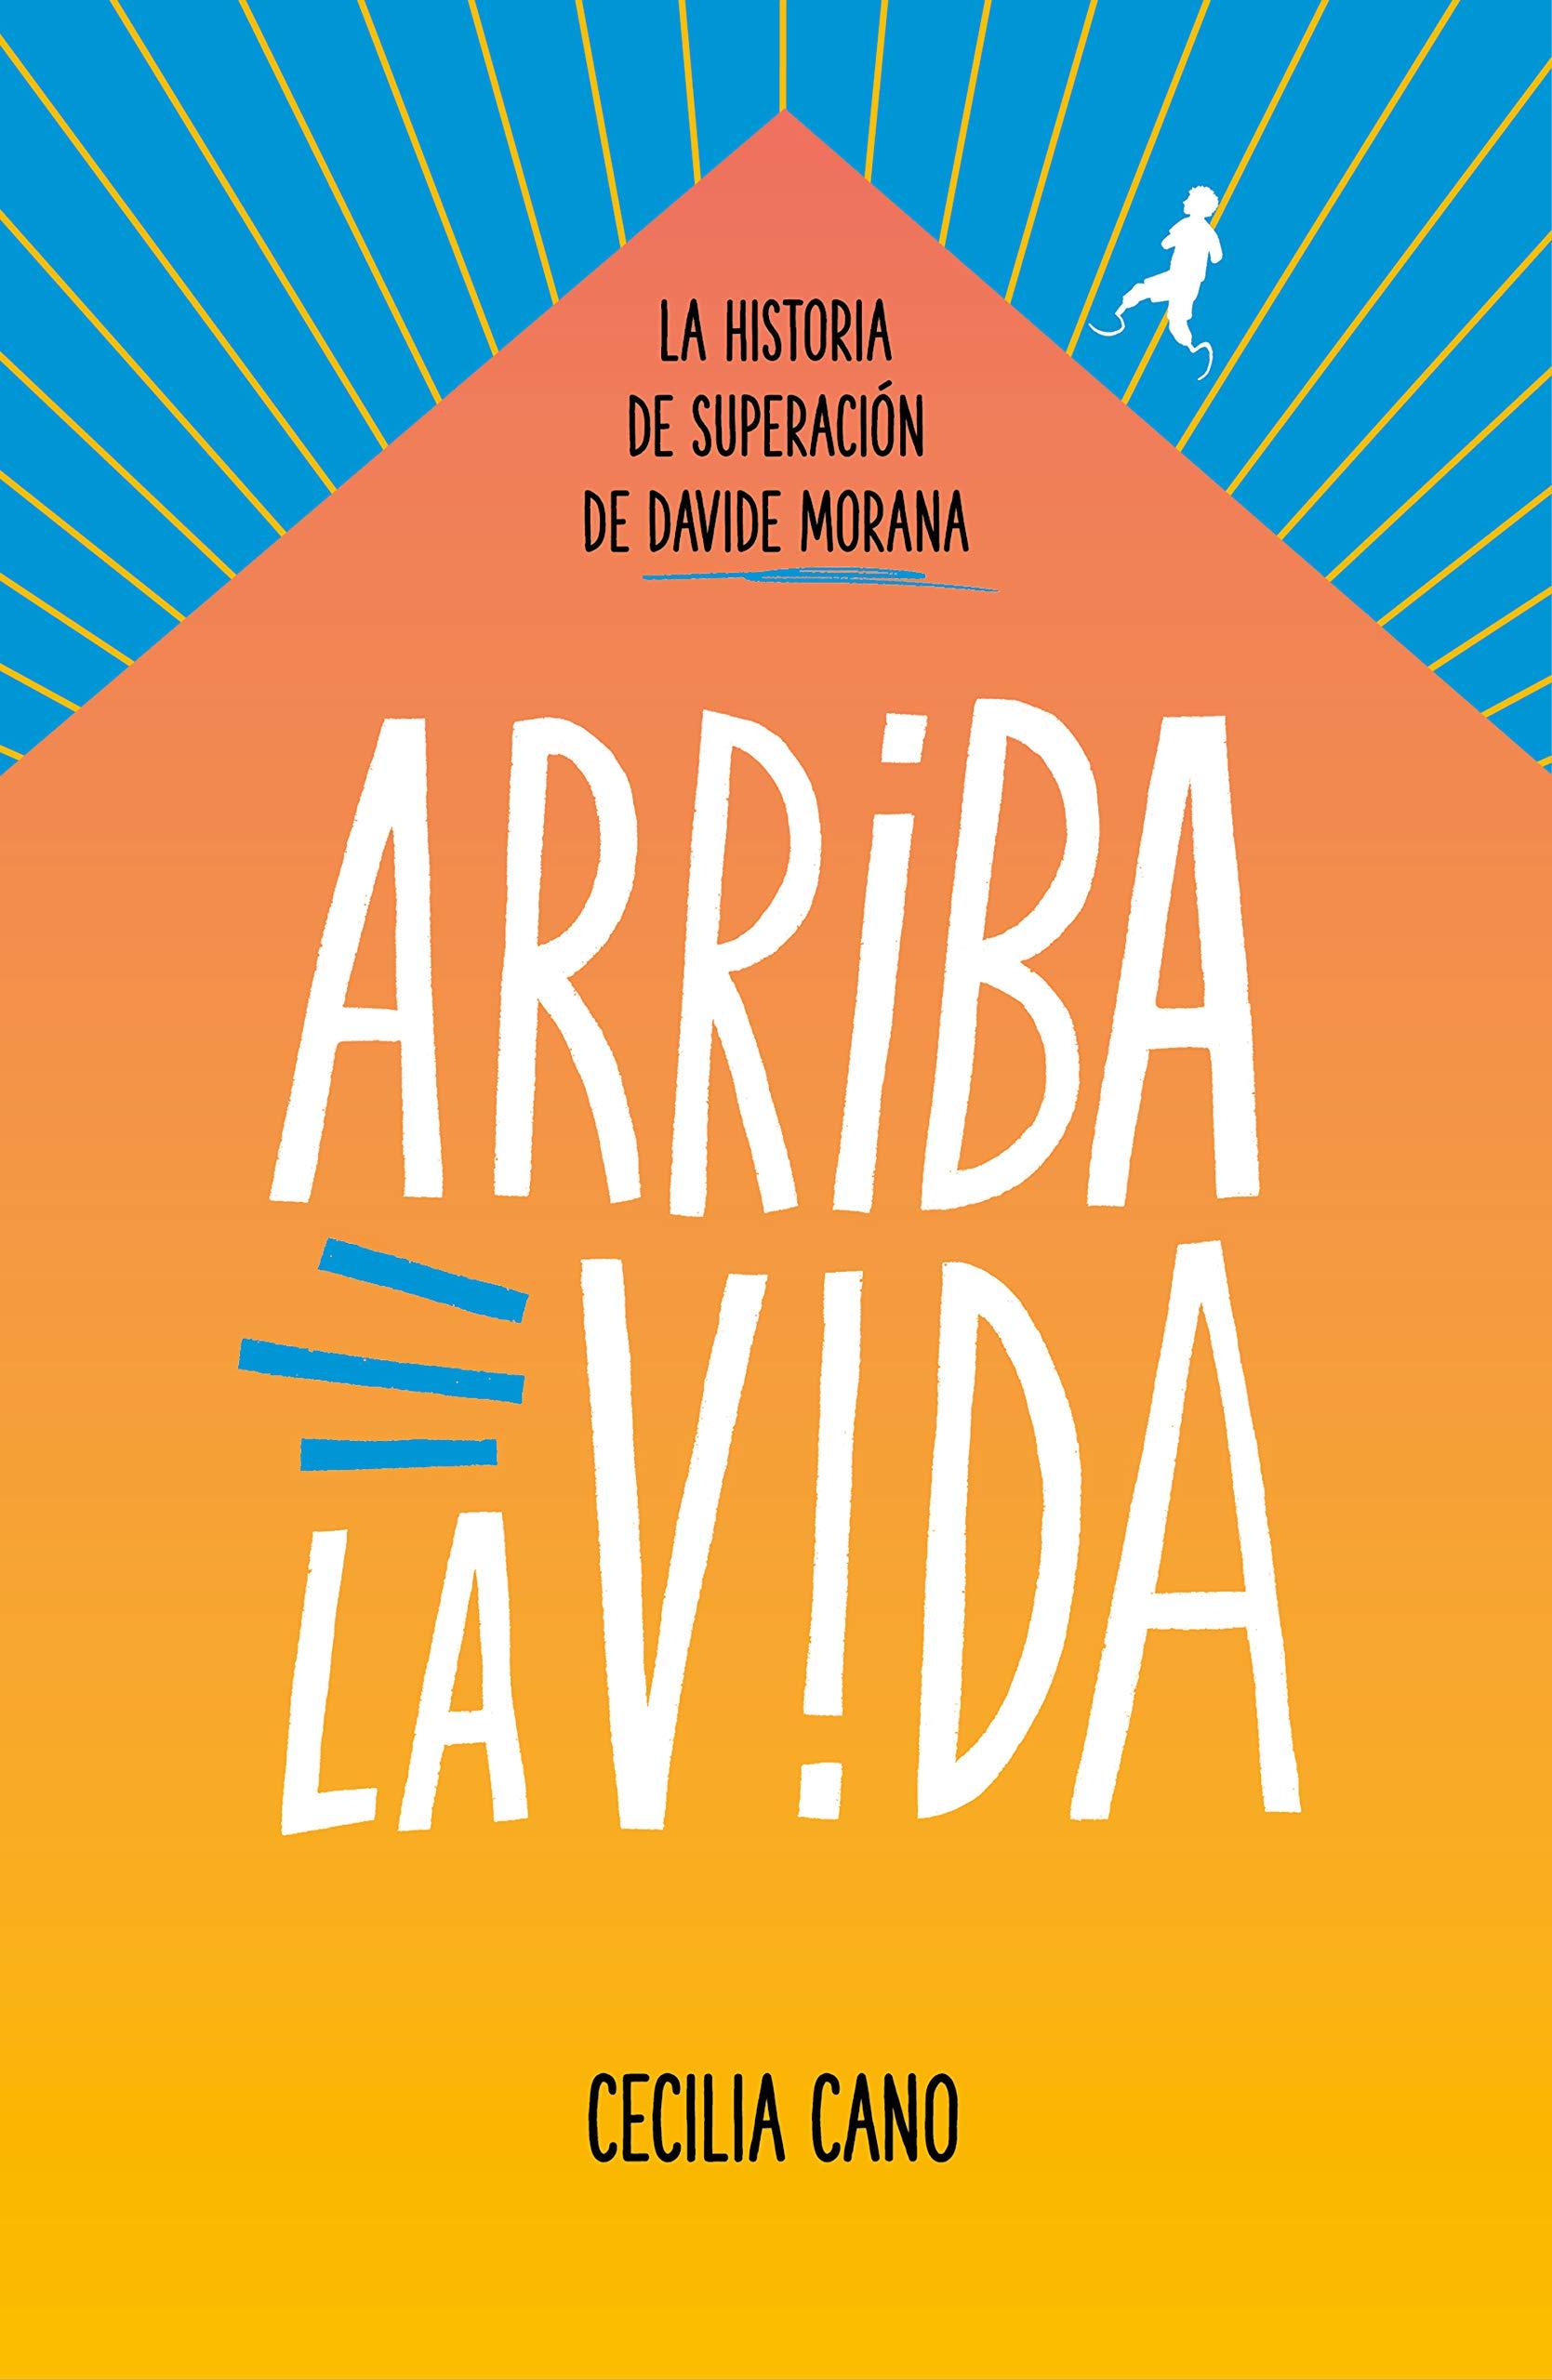 Arriba la vida: La historia de superación de Davide Morana Tendencias: Amazon.es: Morana, Davide, Cano, Cecilia: Libros